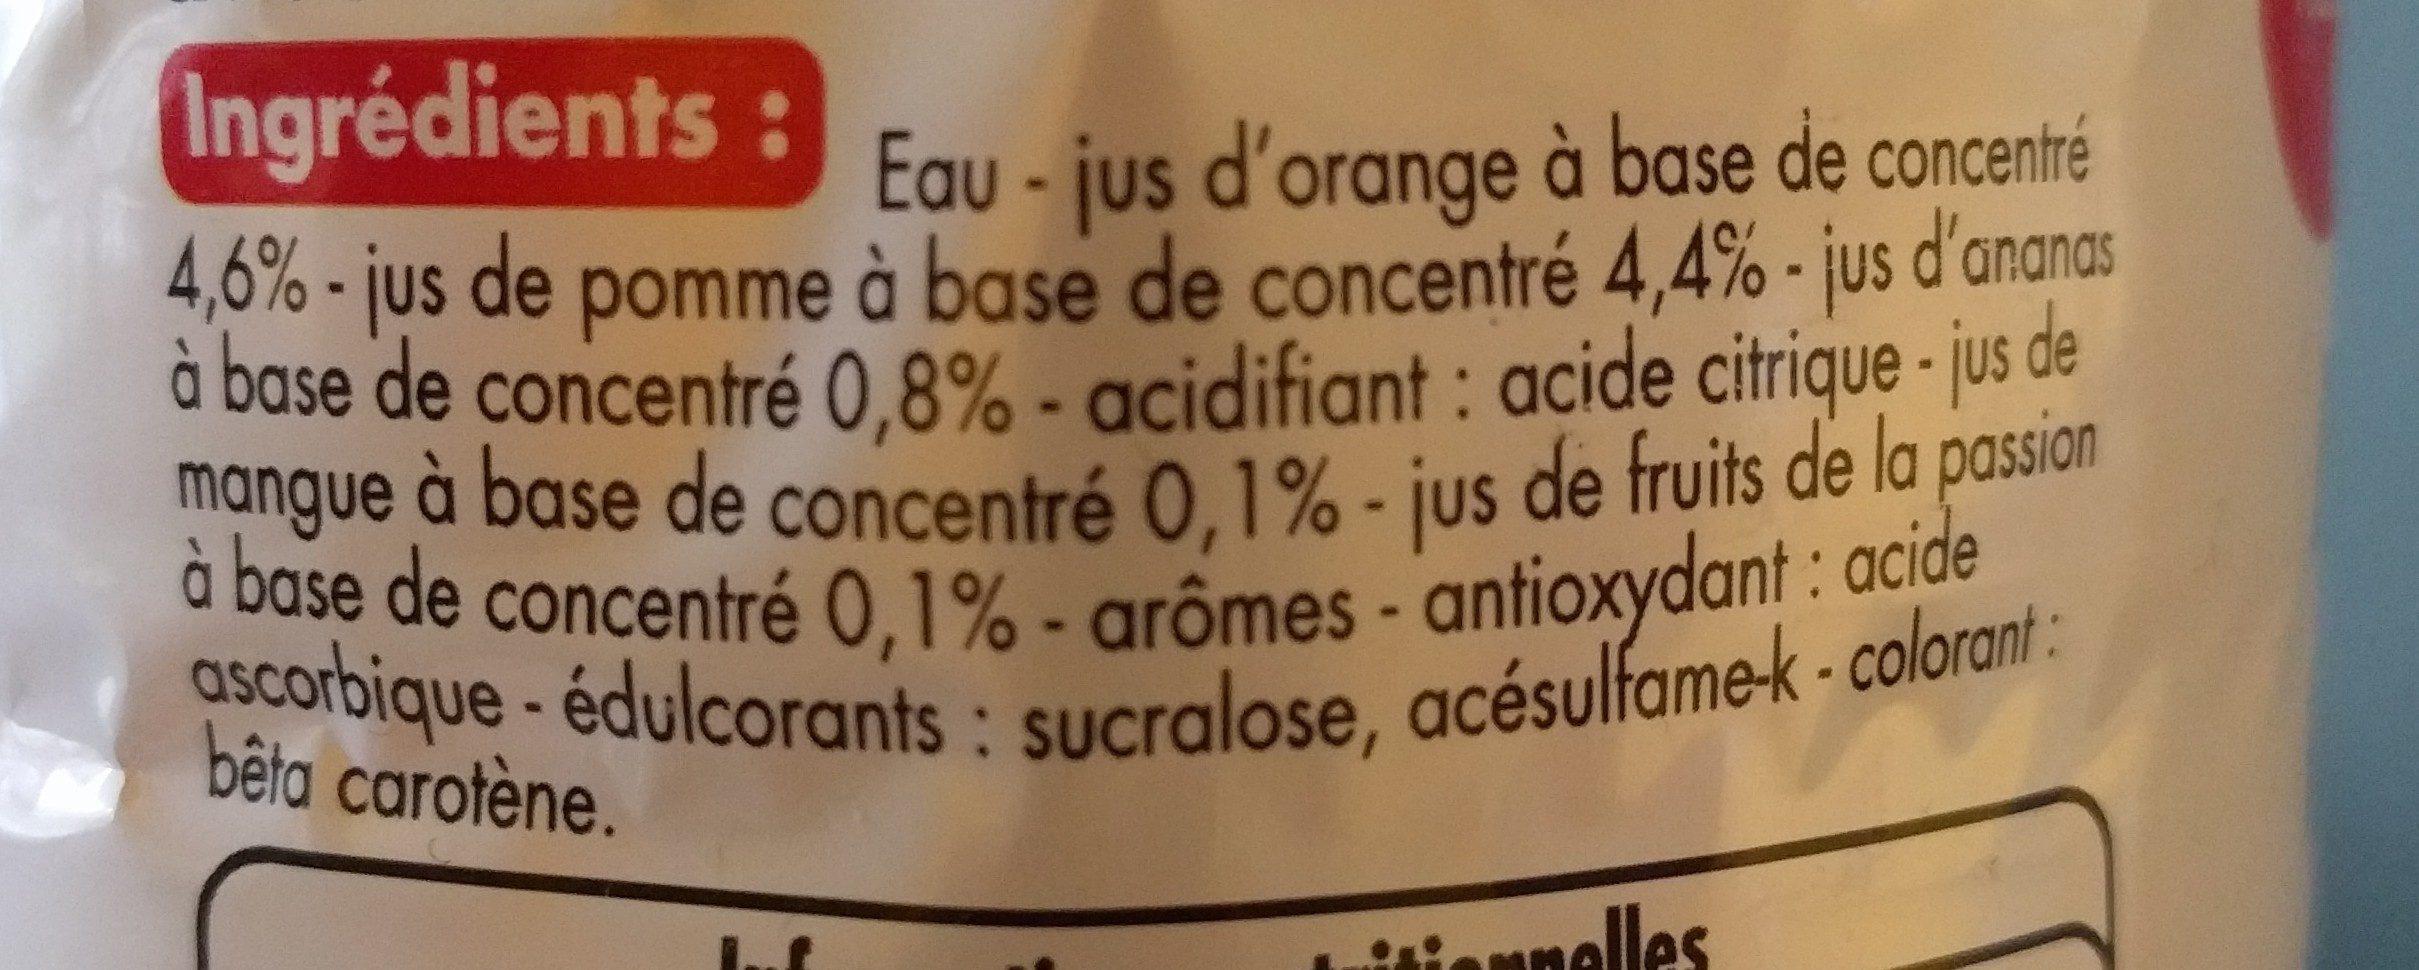 Boisson aux Fruits exotique - Ingrédients